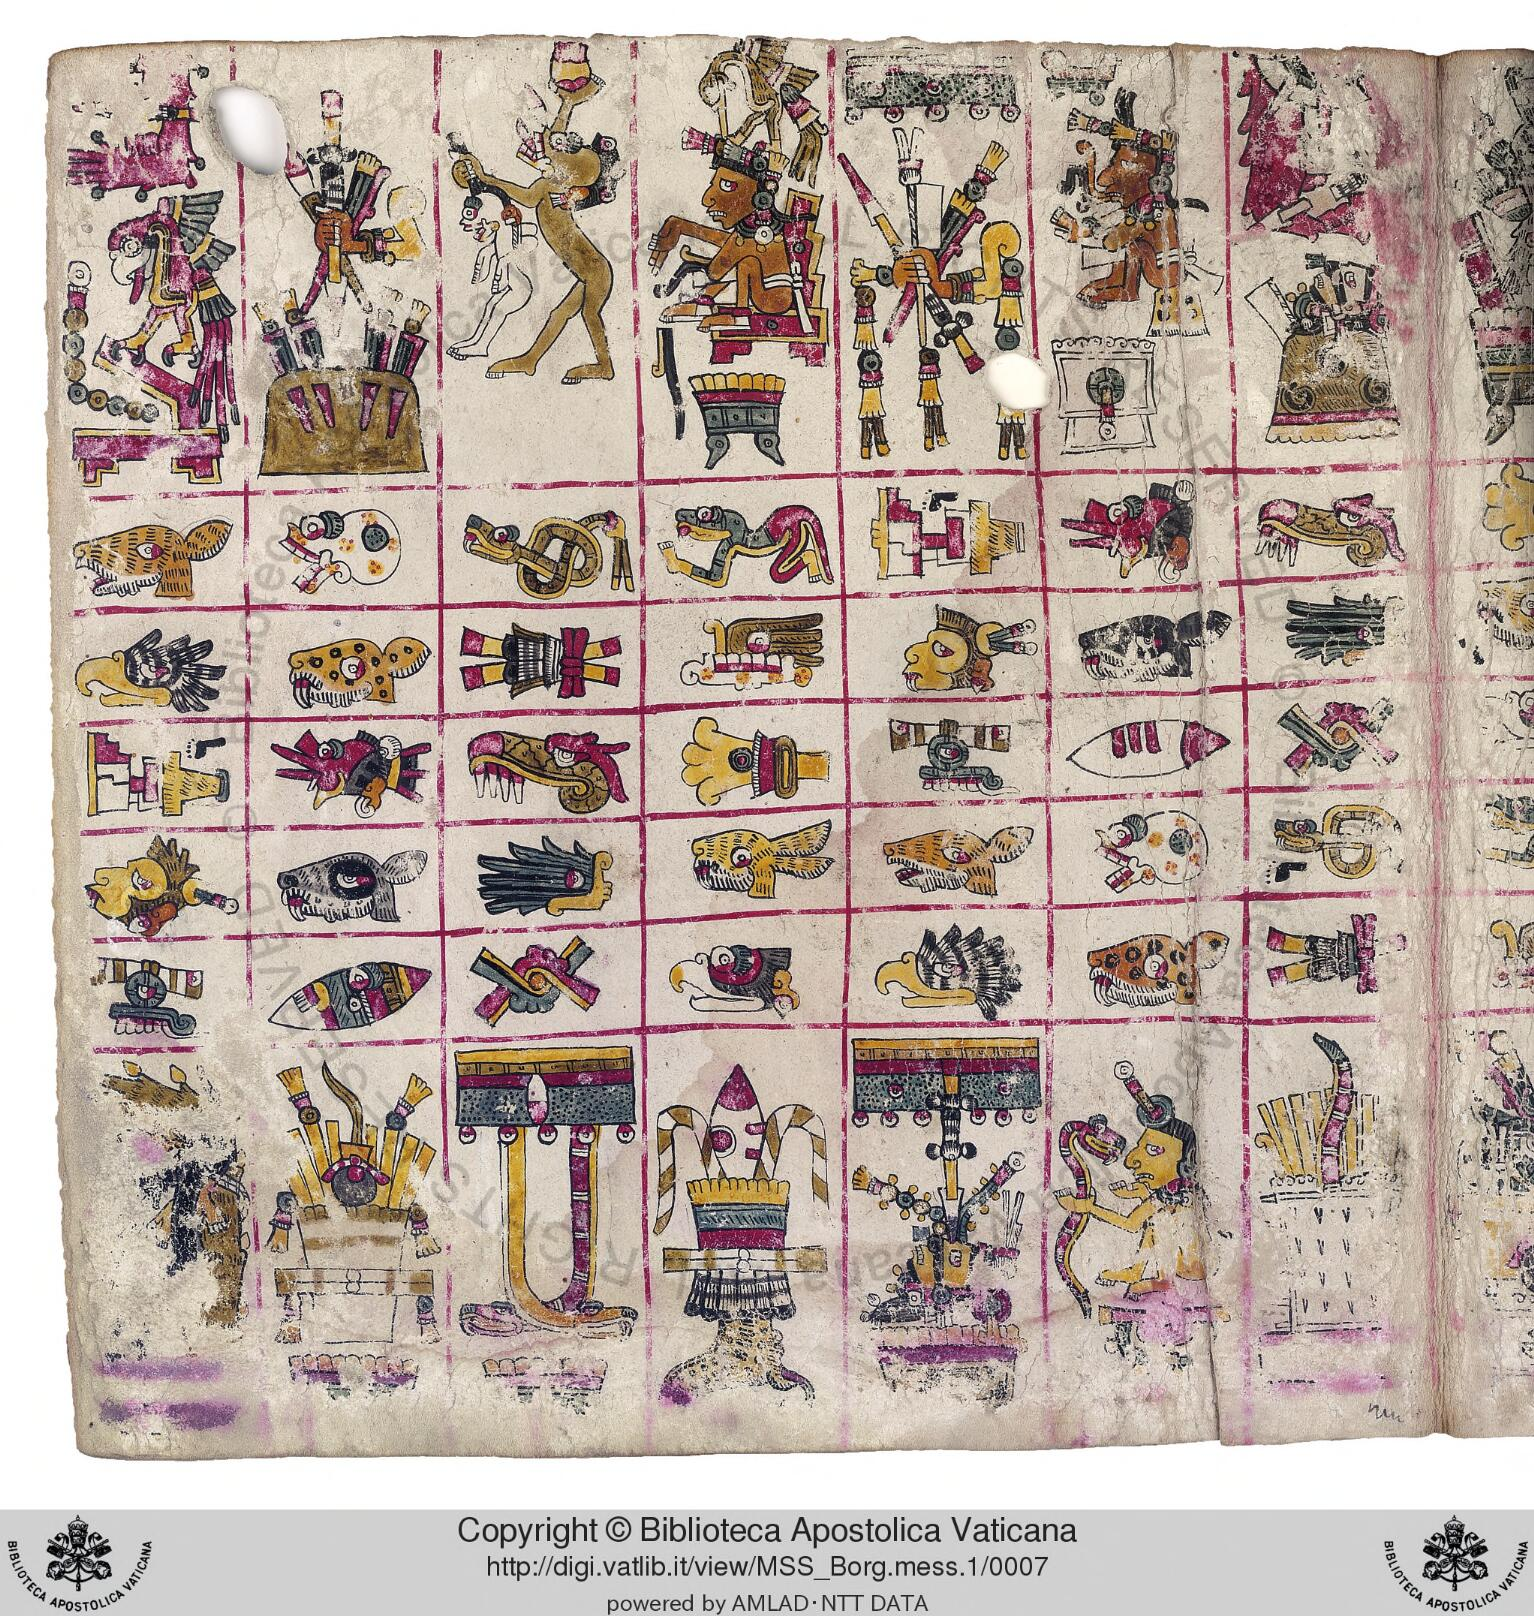 Ya se pueden consultar una buena serie de manuscritos, incunables y códices que han sido debidamente digitalizados utilizando tecnología IIIF (International Interoperability Image Framework)